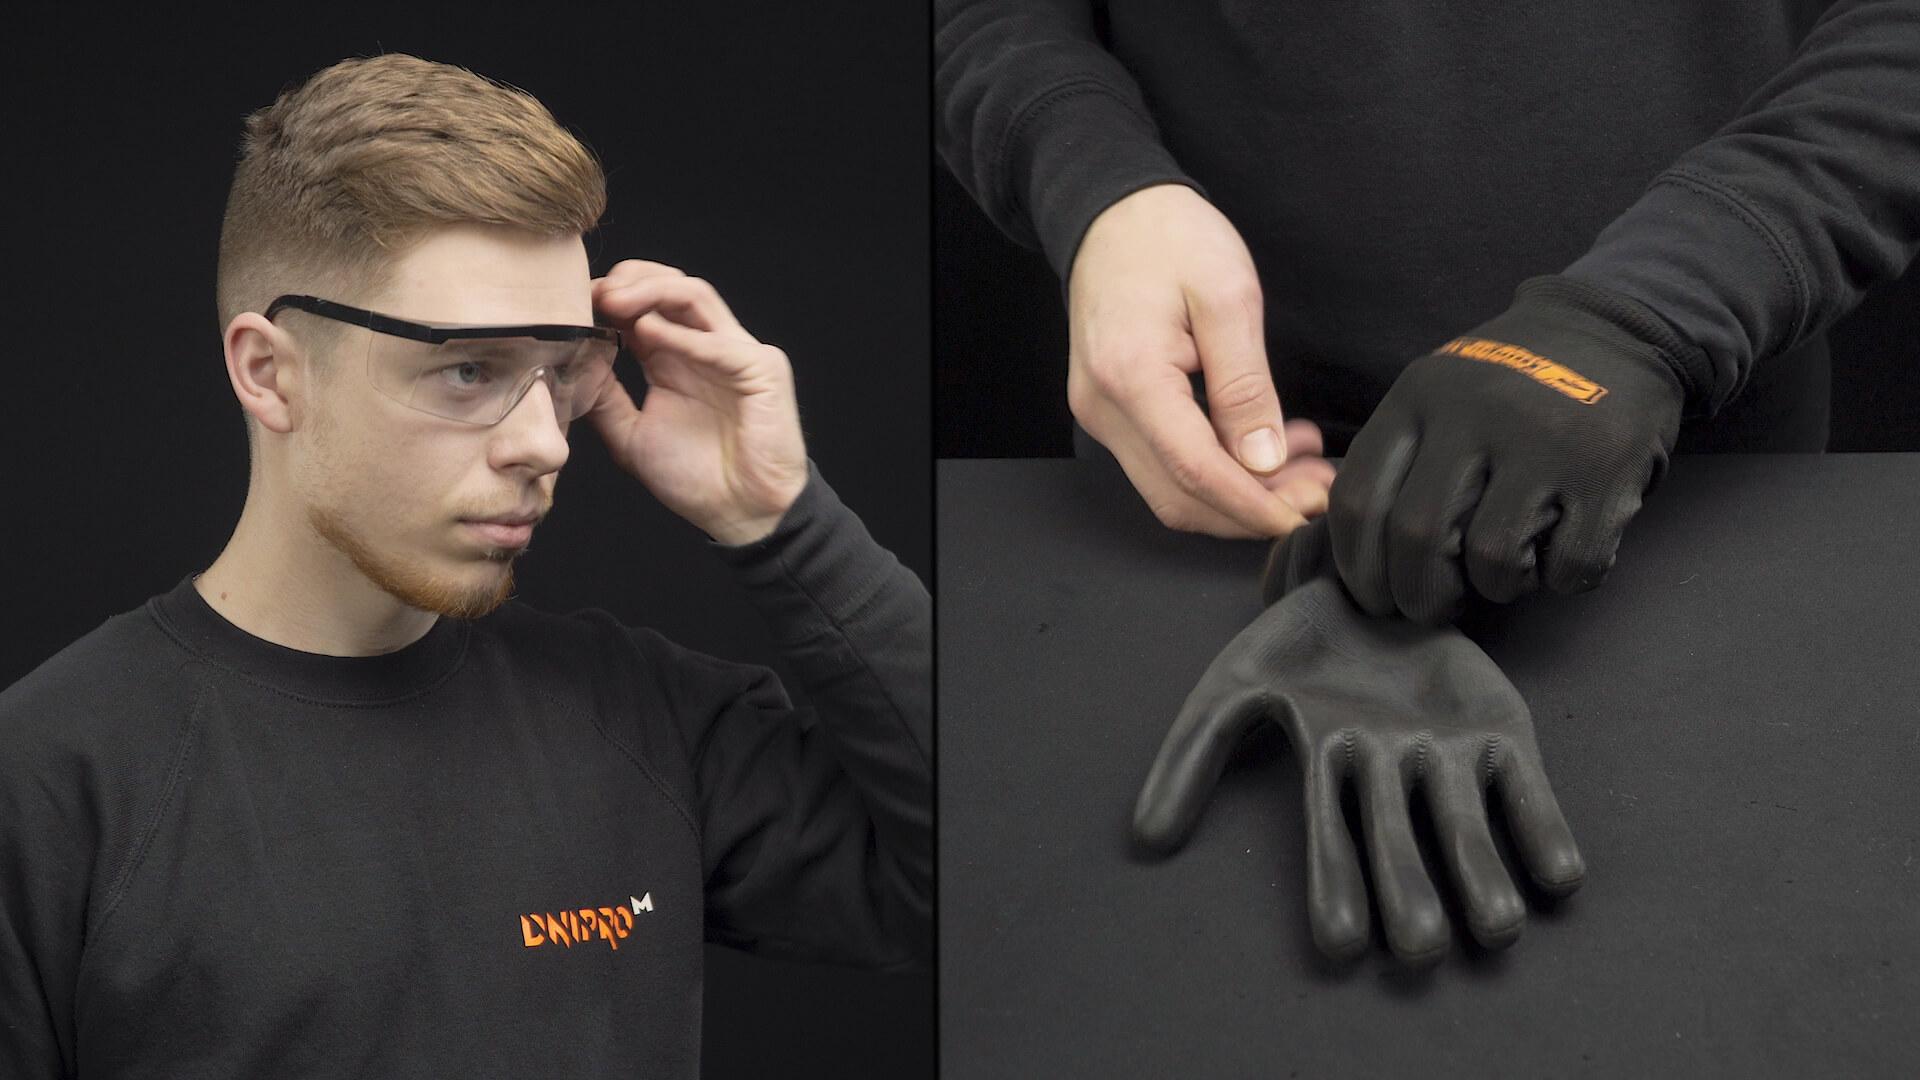 Фото-инструкция по изготовлению подноса своими руками - Шаг 2